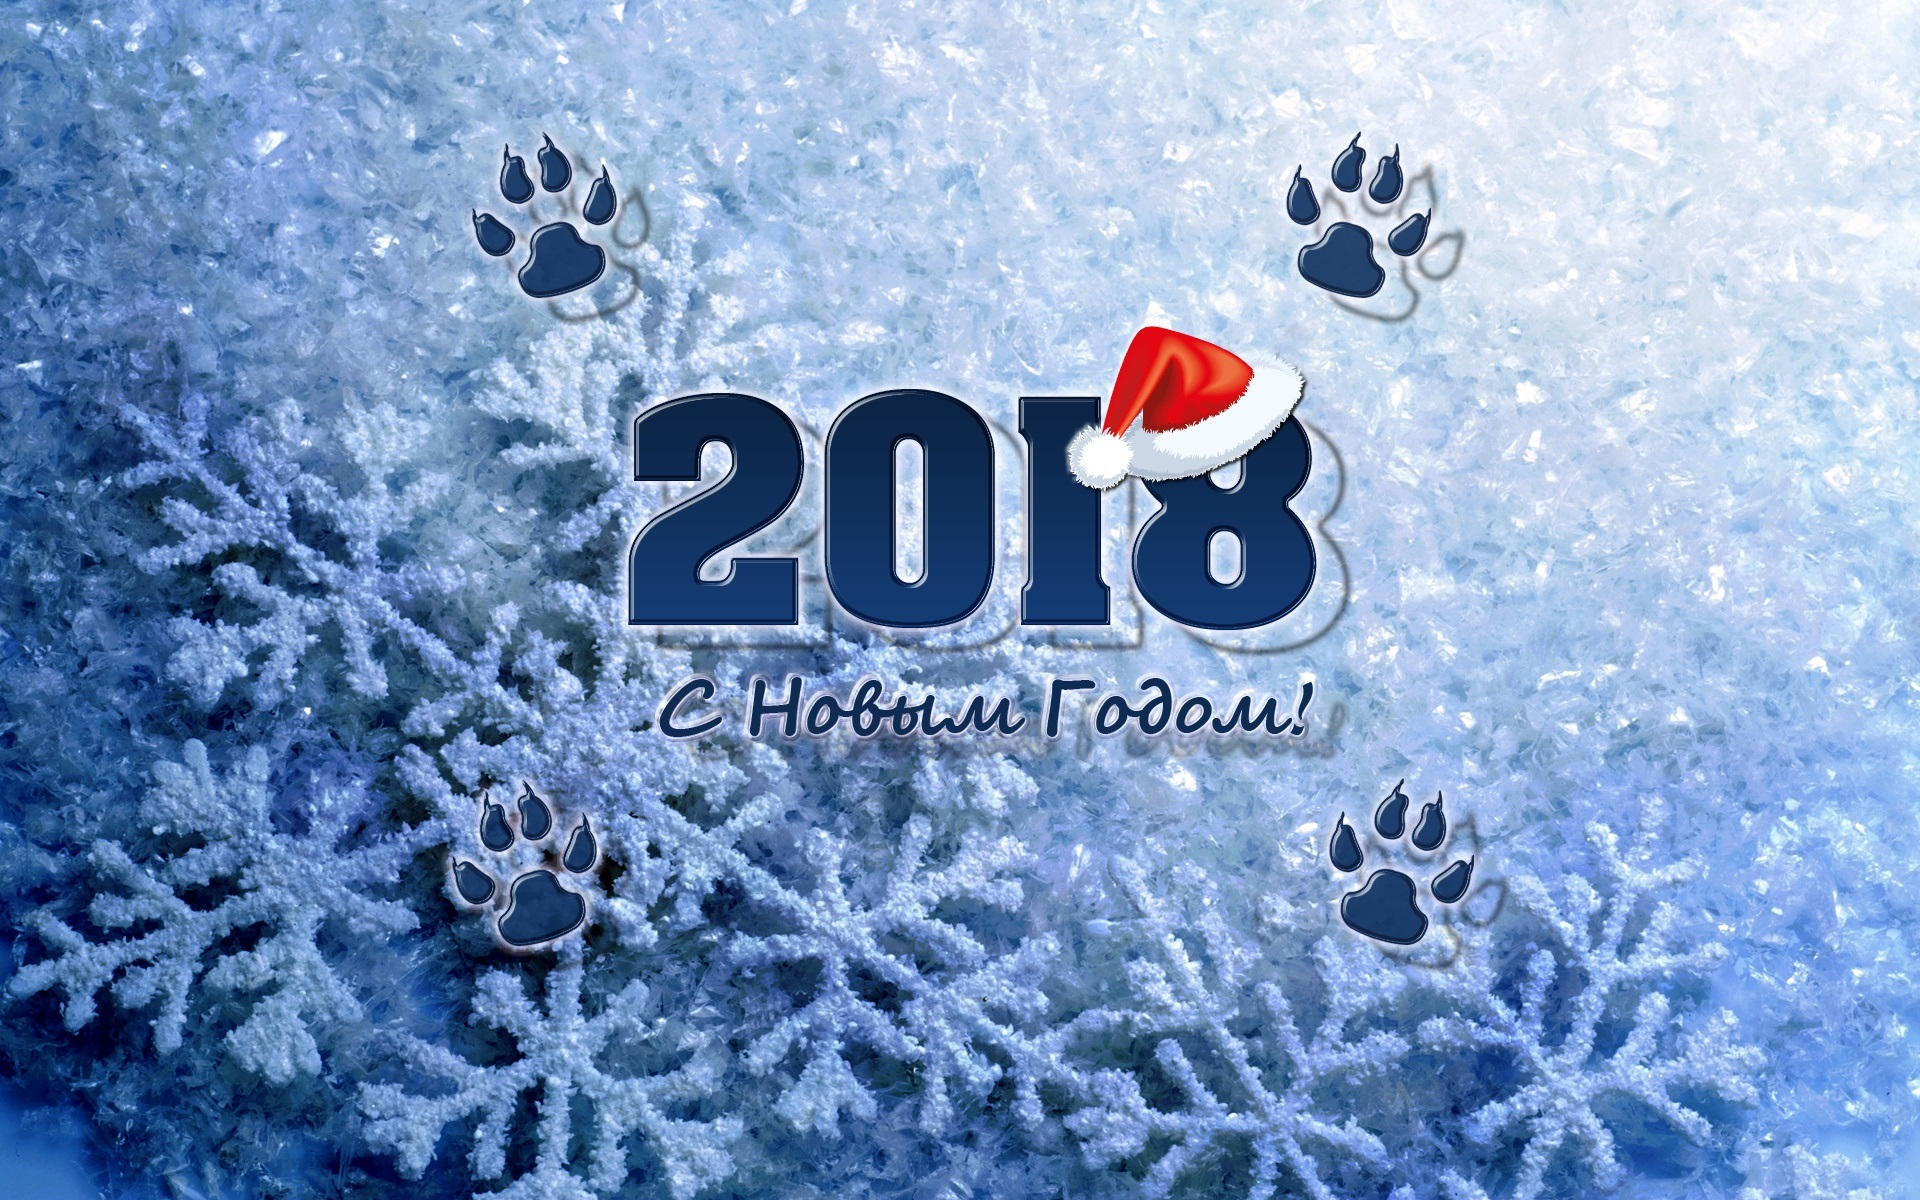 3д картинки новый год 2018